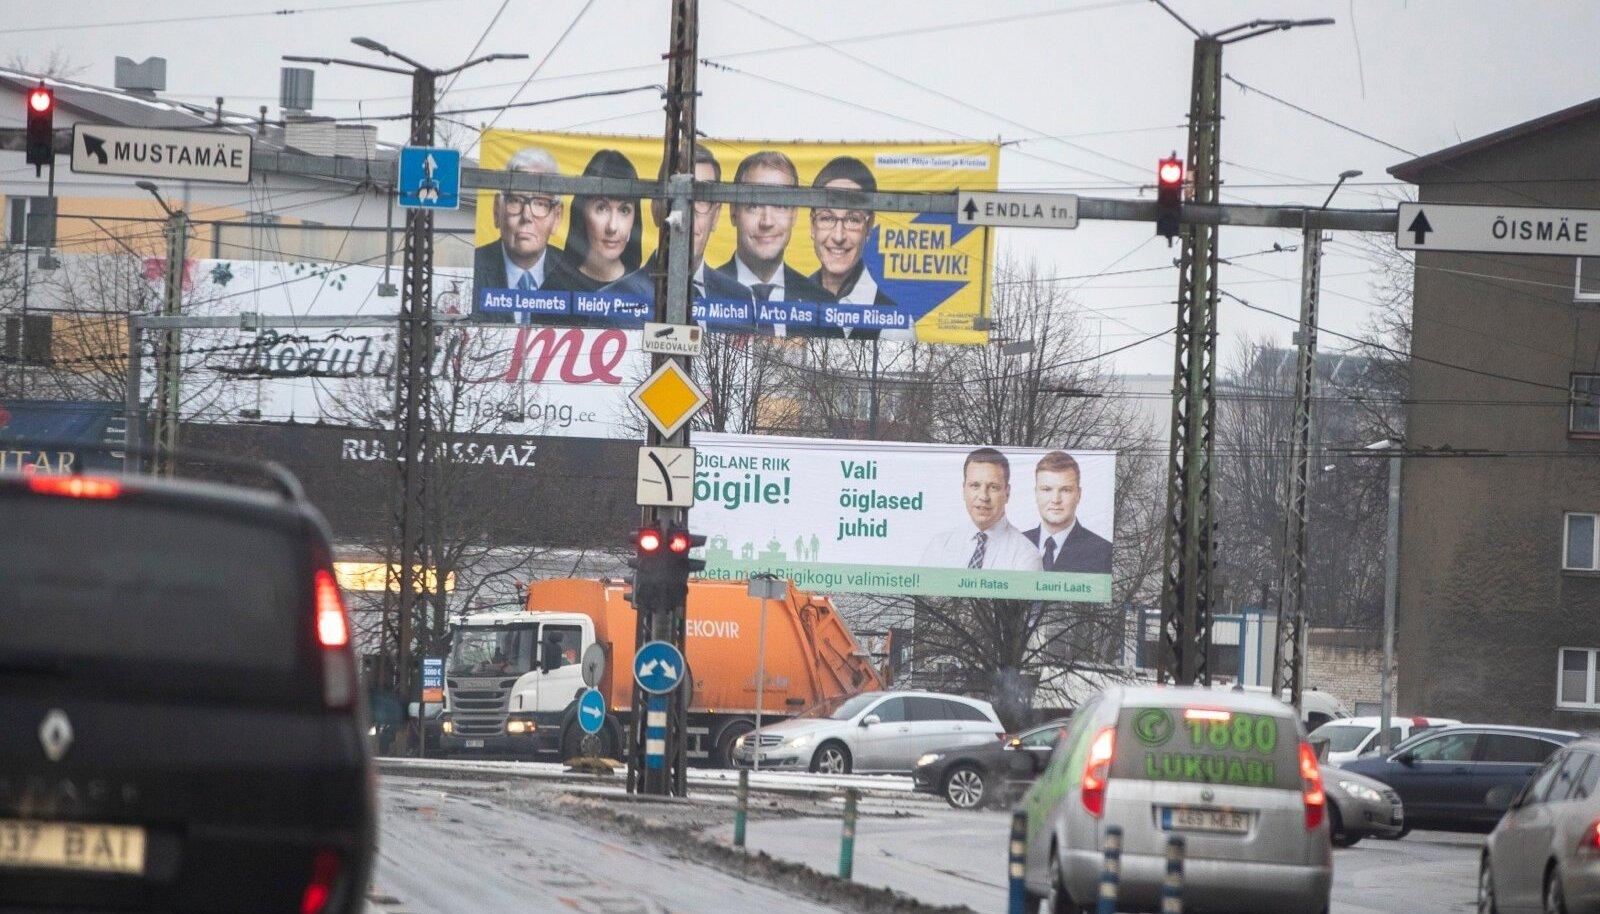 Valimisreklaamid Tallinnas Kristiine ristmiku juures